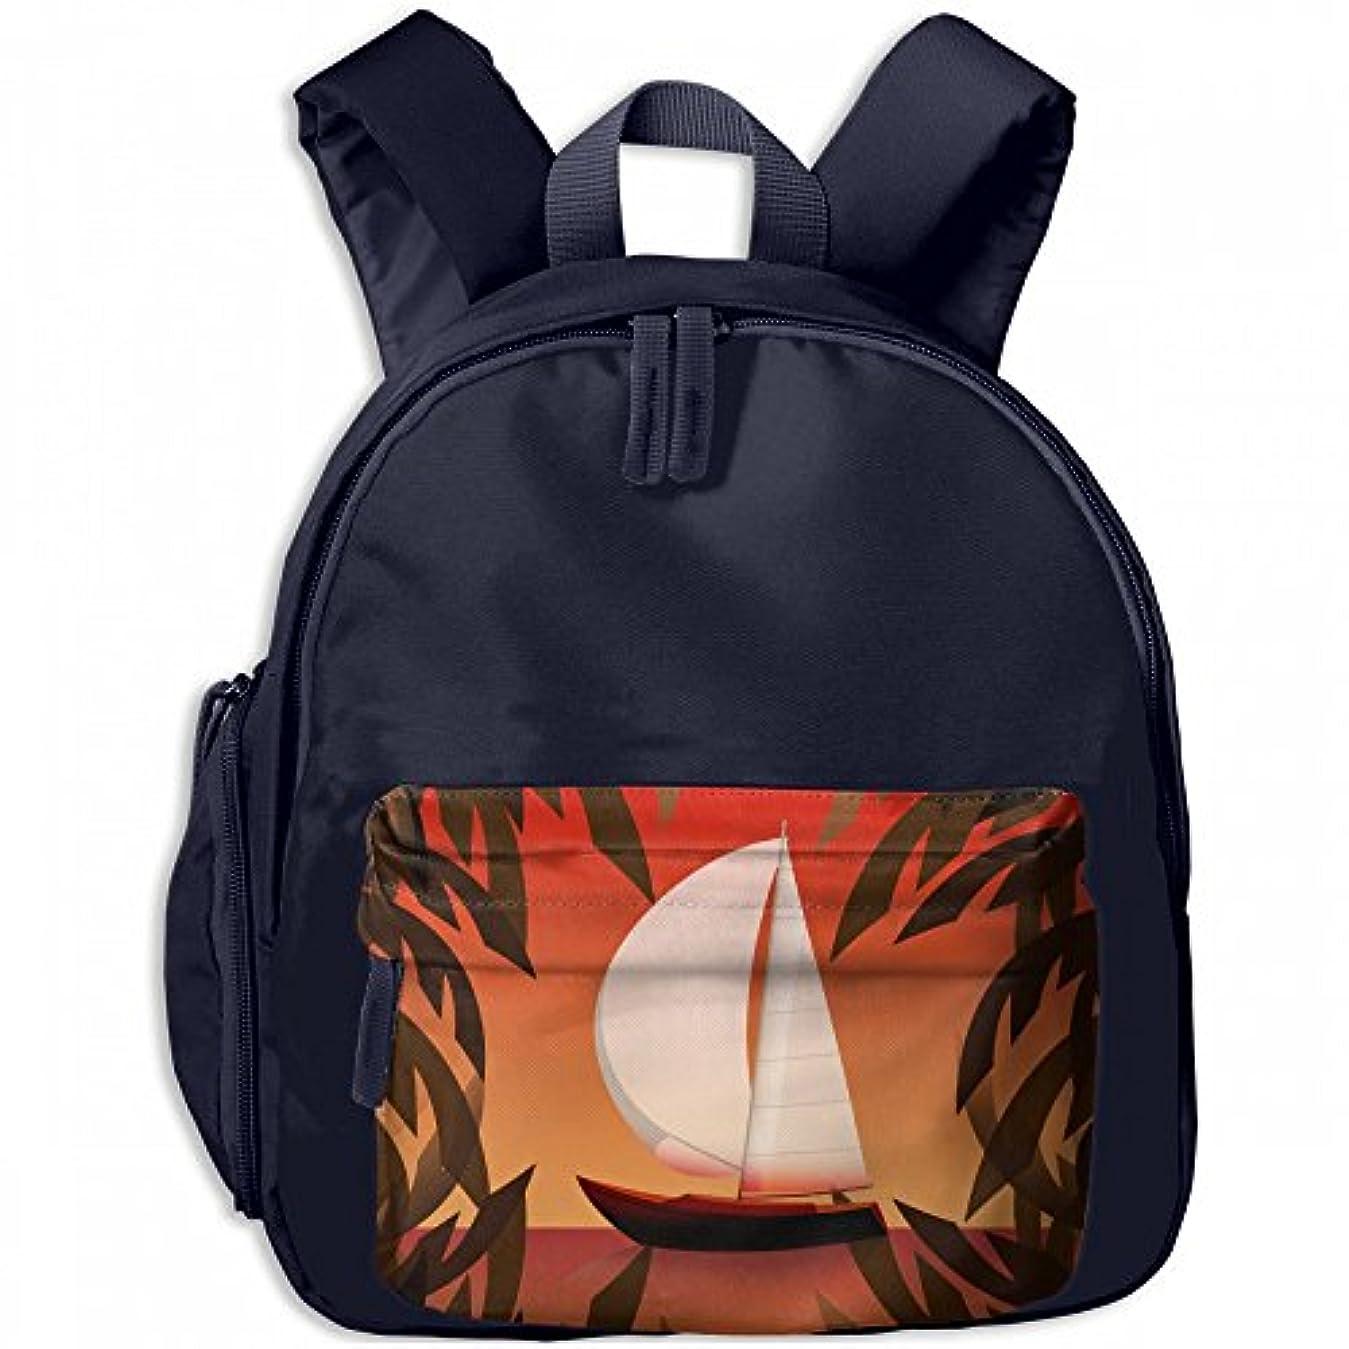 爆発する放射能美的夏 セーリング プリントアイデア デザイン おしゃれ 通気性 子ども 男の子 女の子 キッズ リュック 通学 ショルダーバッグ